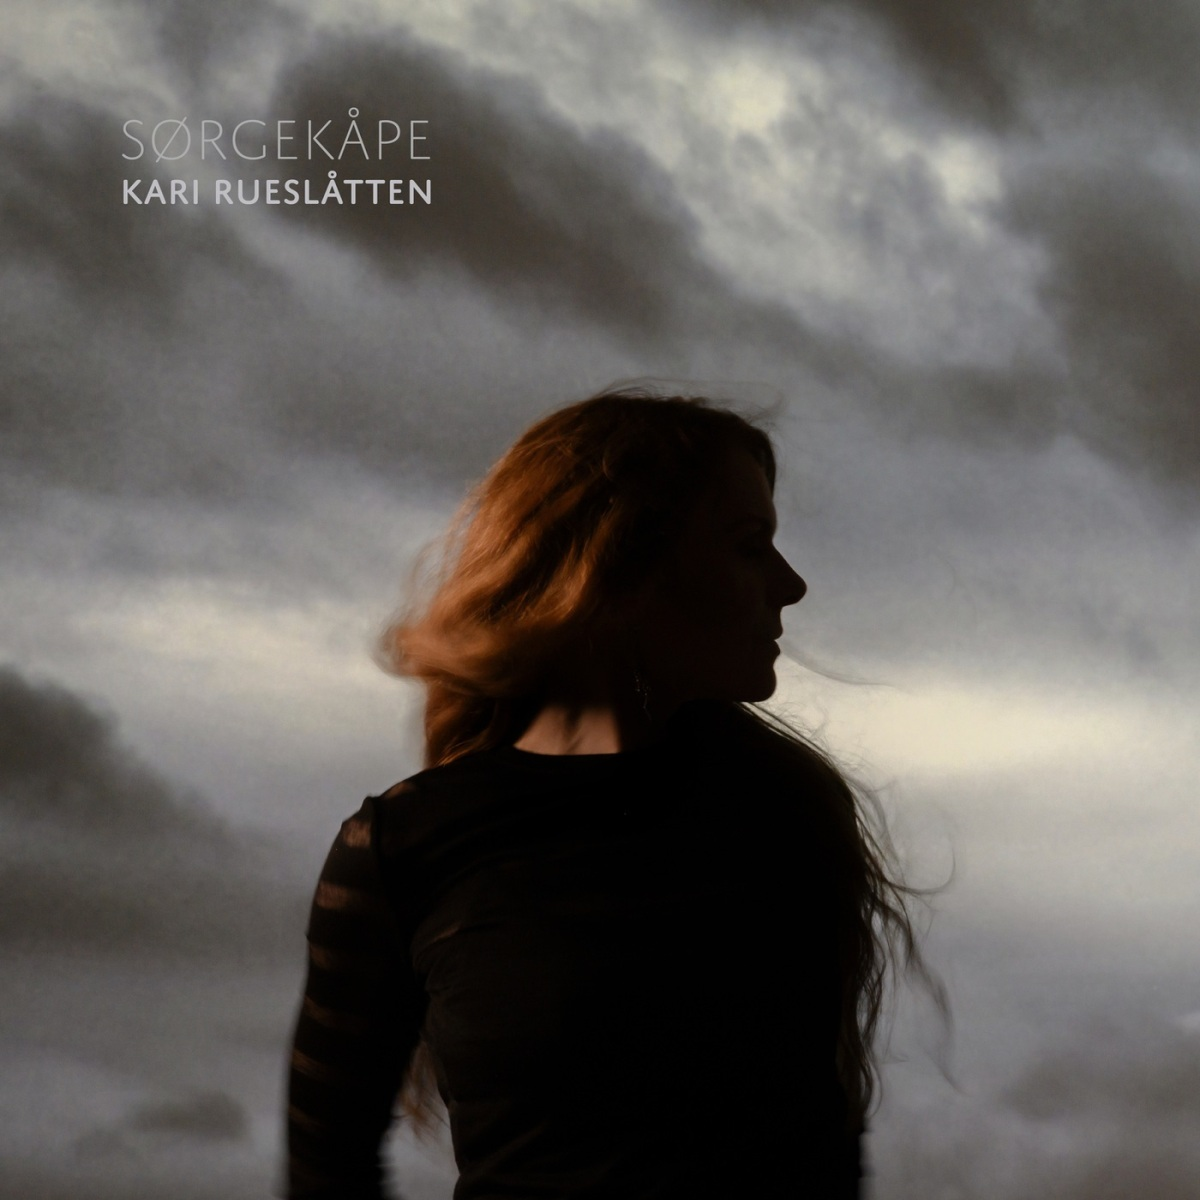 Kari Rueslåtten⛧Sørgekåpe |review